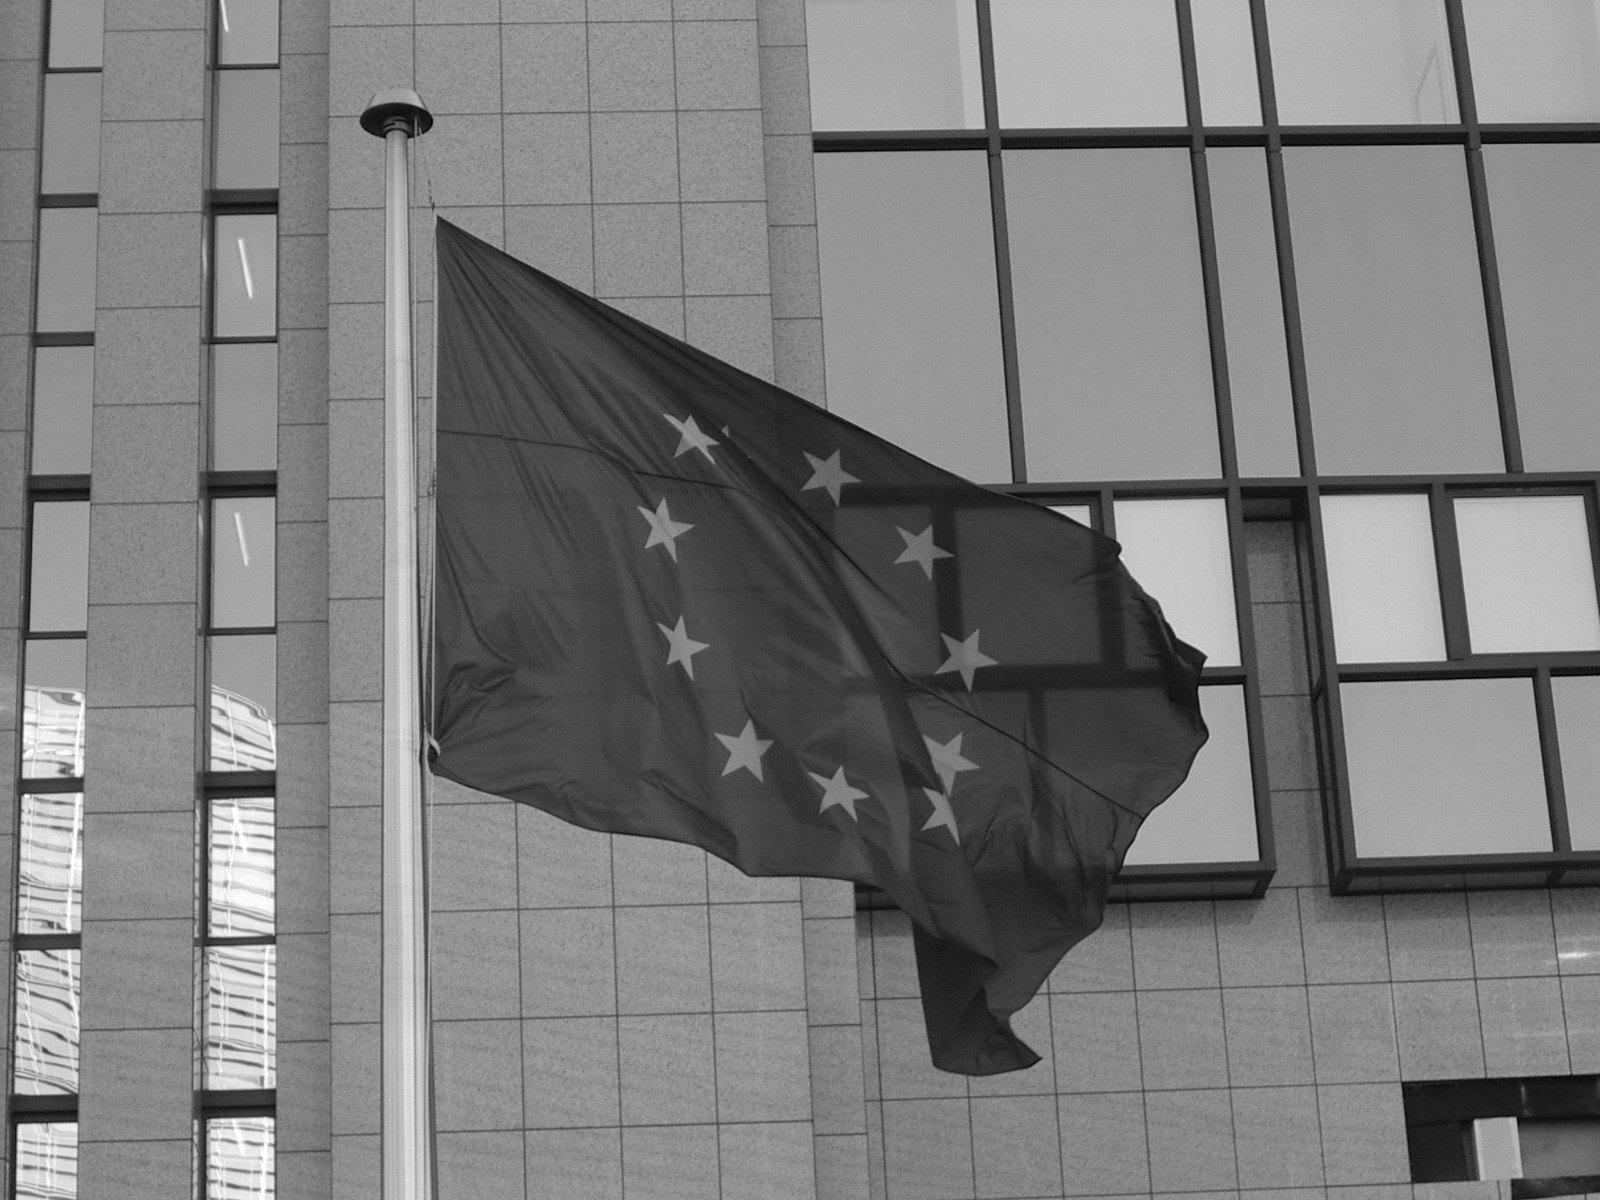 Evropská unie plánuje vytvořit vlastní verzi Magnitského zákona. Narazit může na odpor Maďarska